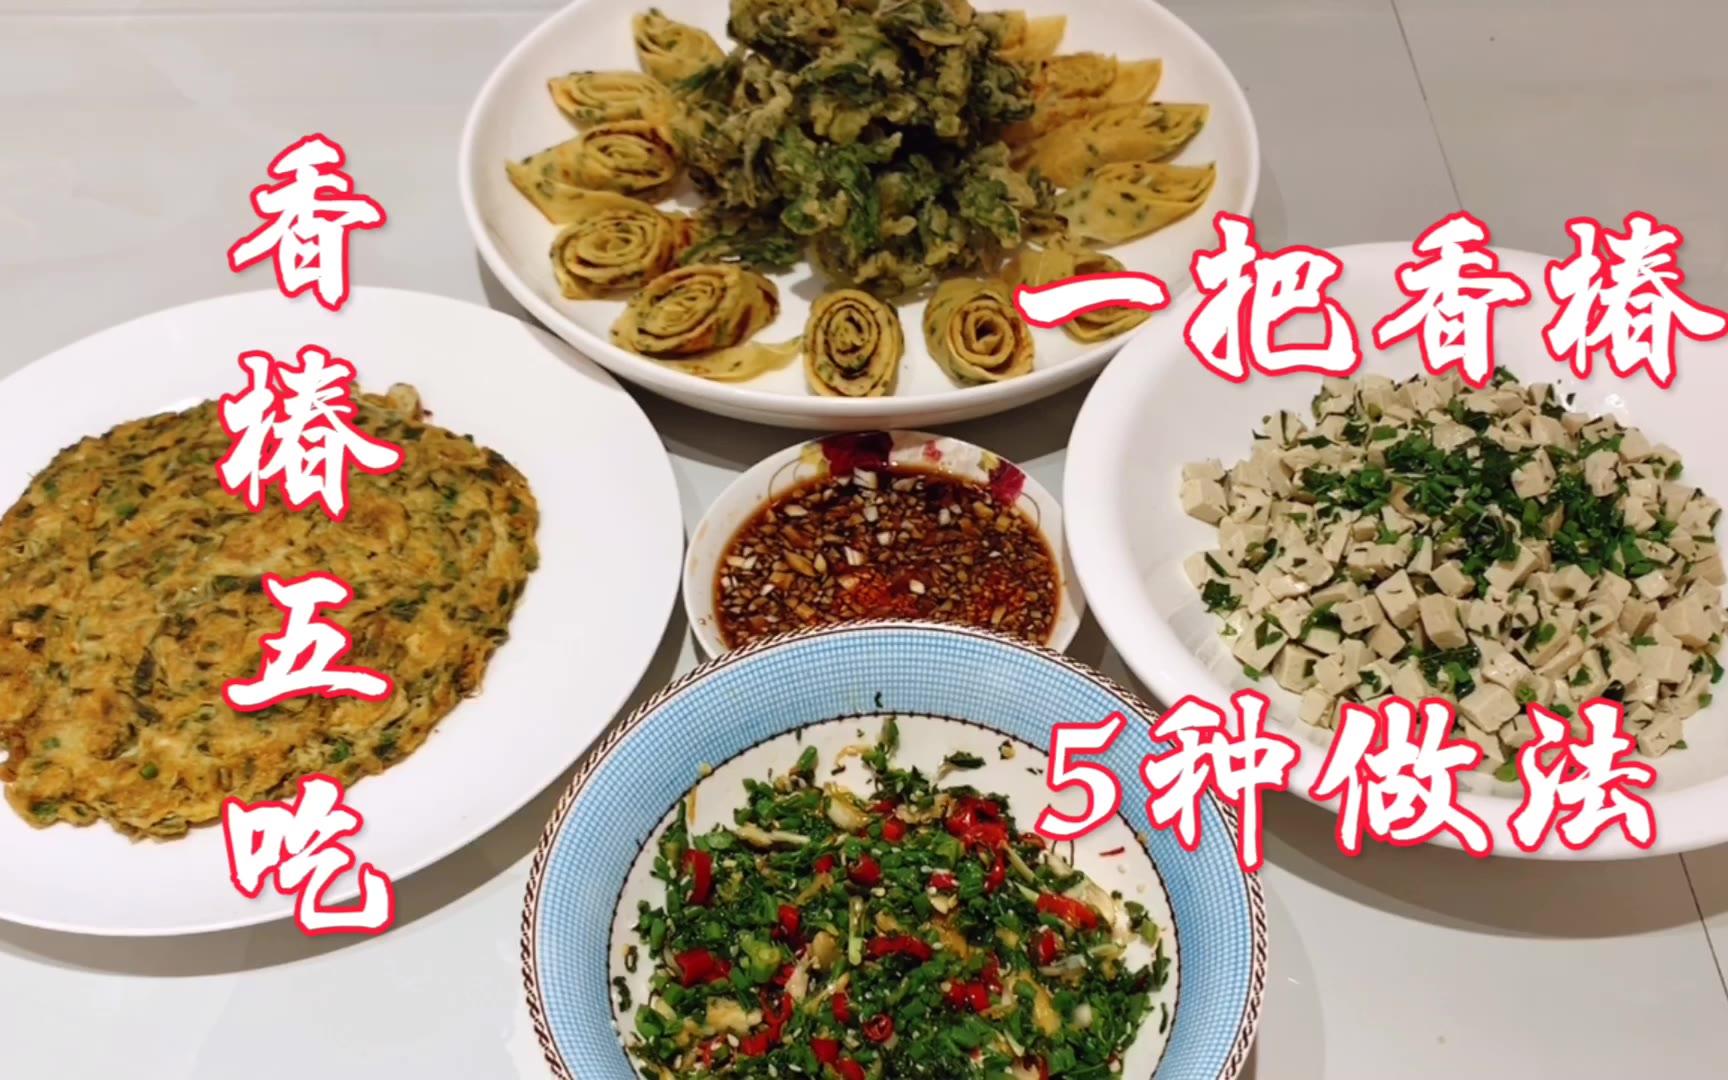 大厨分享香椿5种特色做法,每道都是经典,鲜香味美,营养又好吃